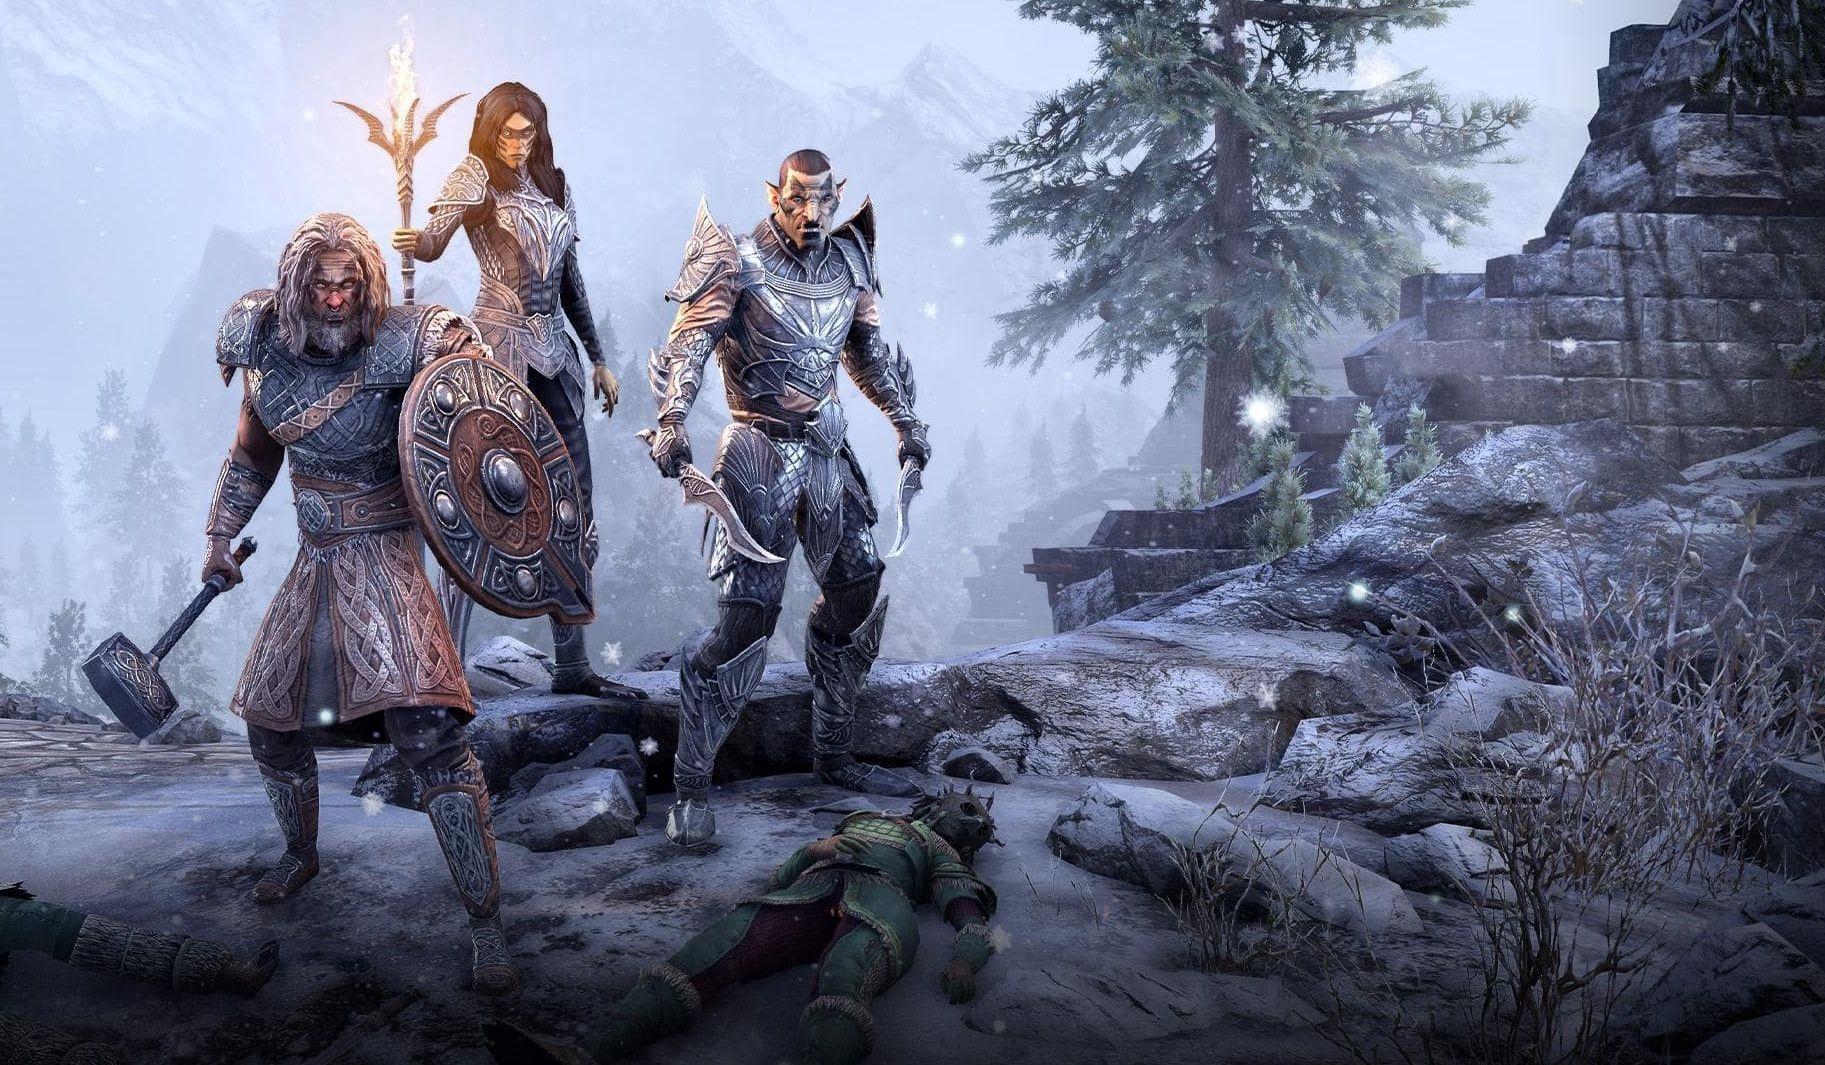 Играть в The Elder Scrolls Online бесплатно можно будет неделю или две